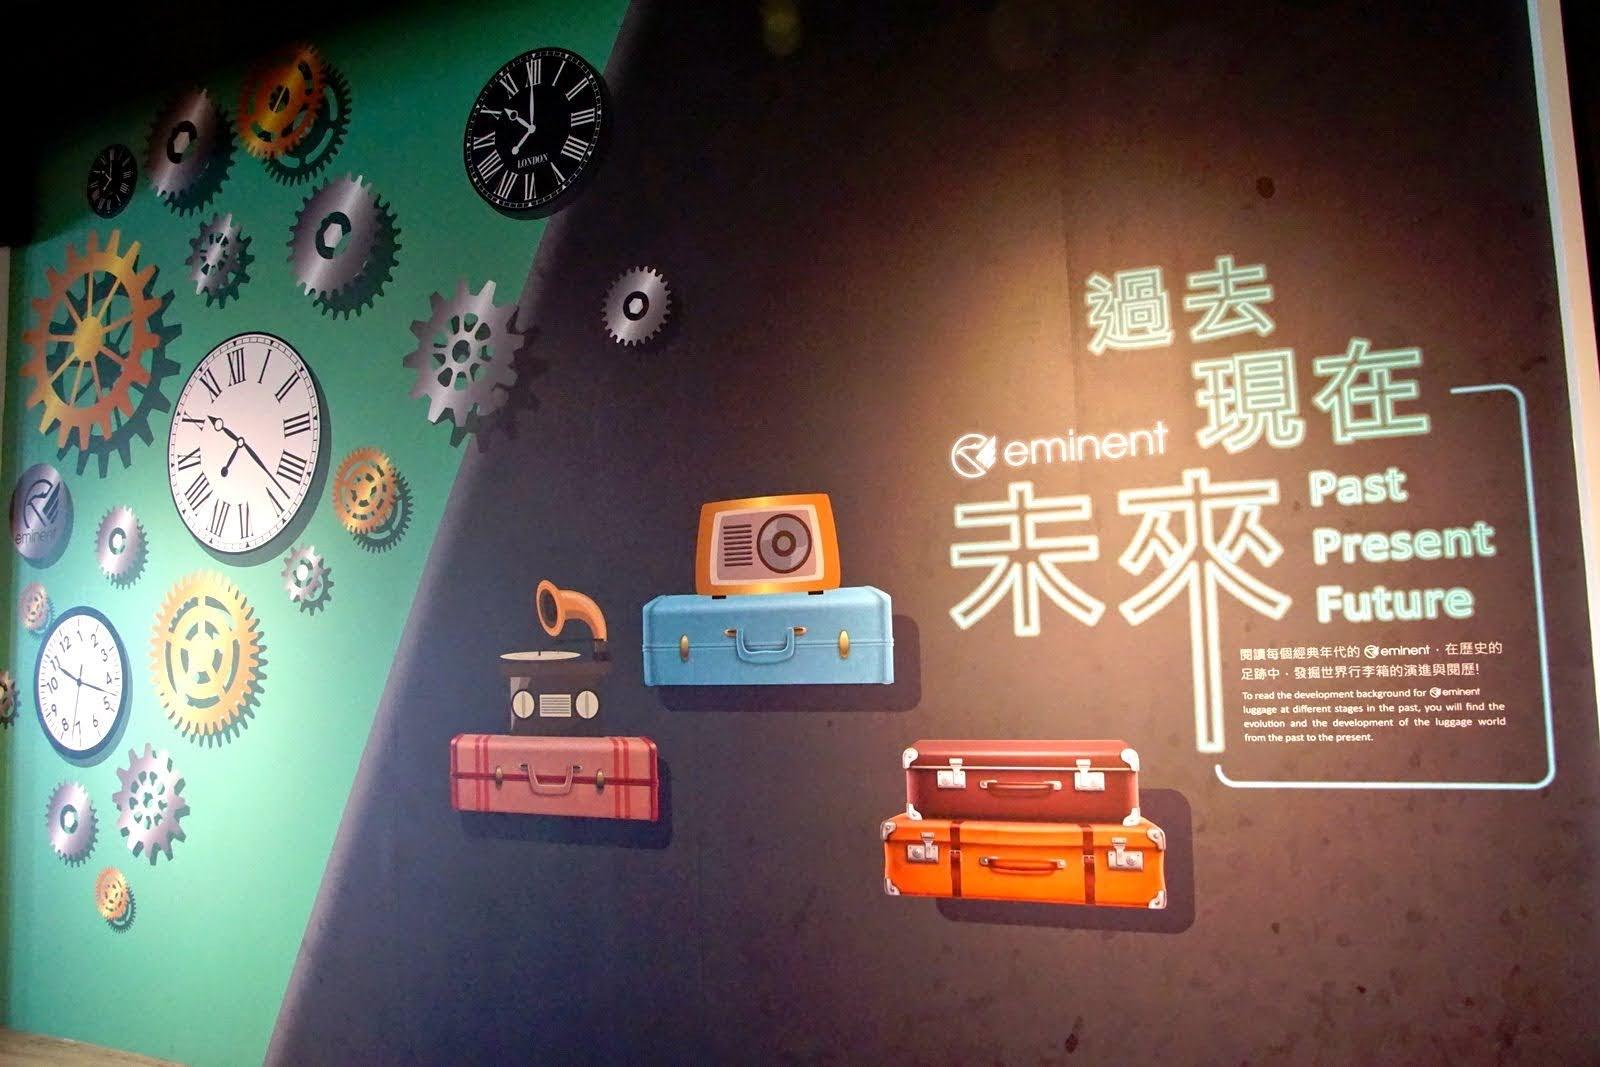 [台南][歸仁區] 萬國通路創意觀光工廠|很多行李箱的產業文化園區|遊記